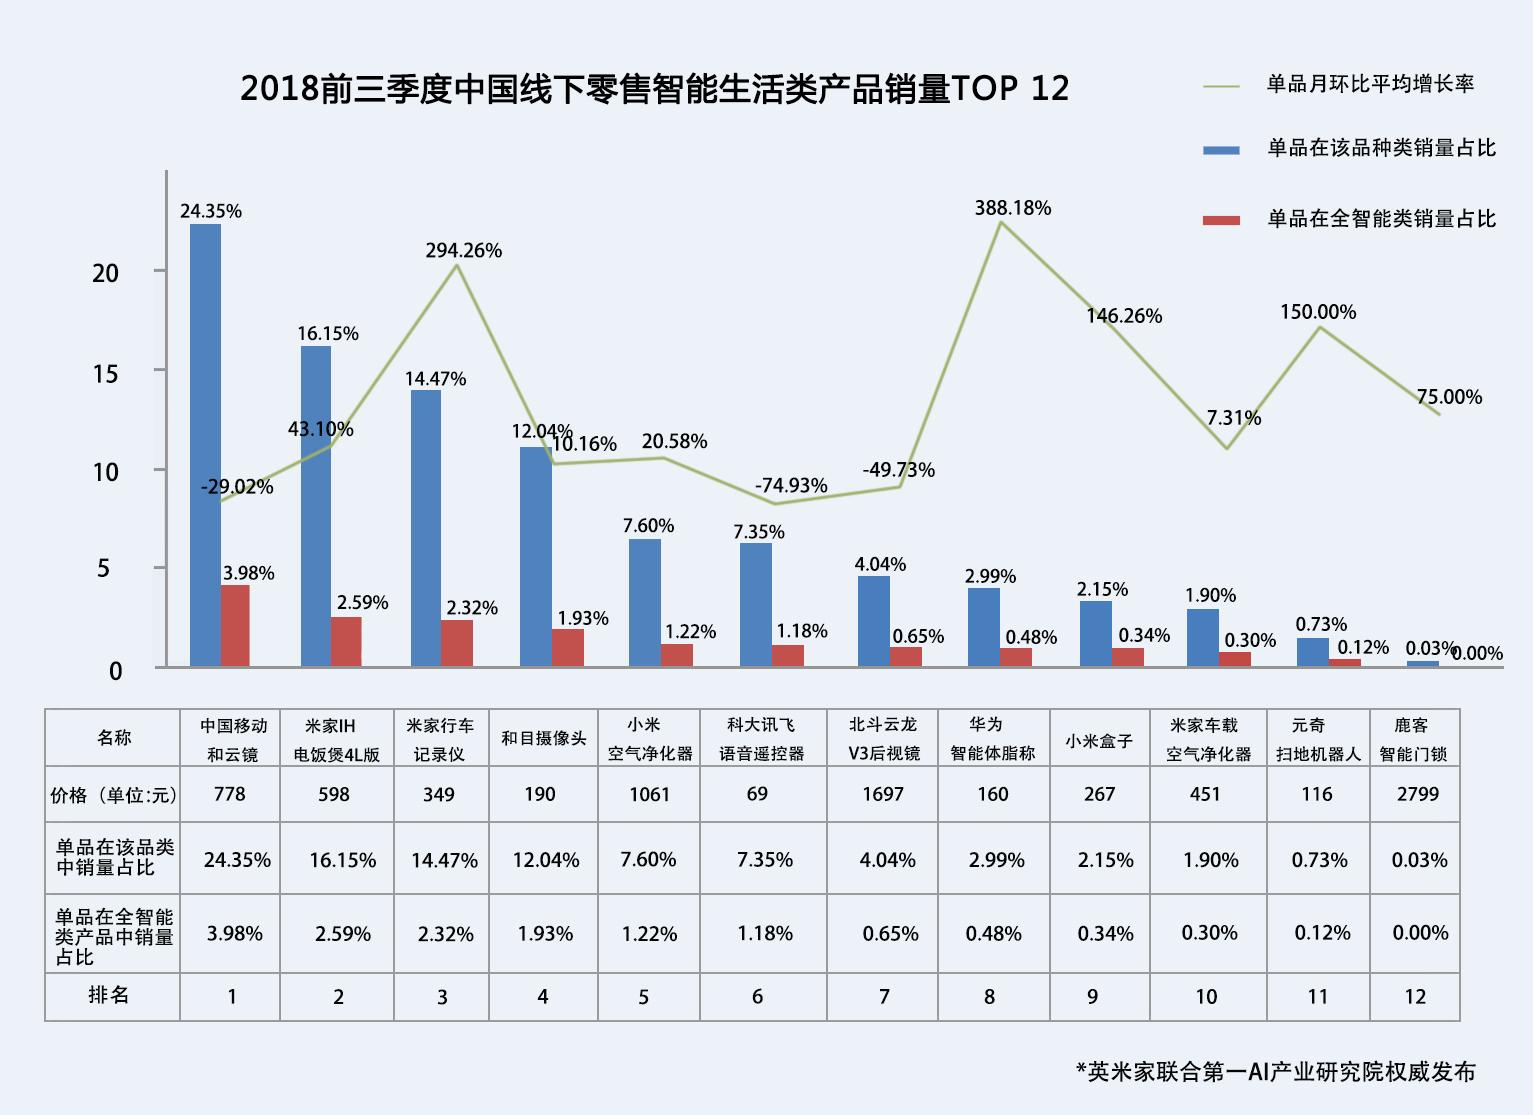 2018中国零售畅销AI产品市场初探报告